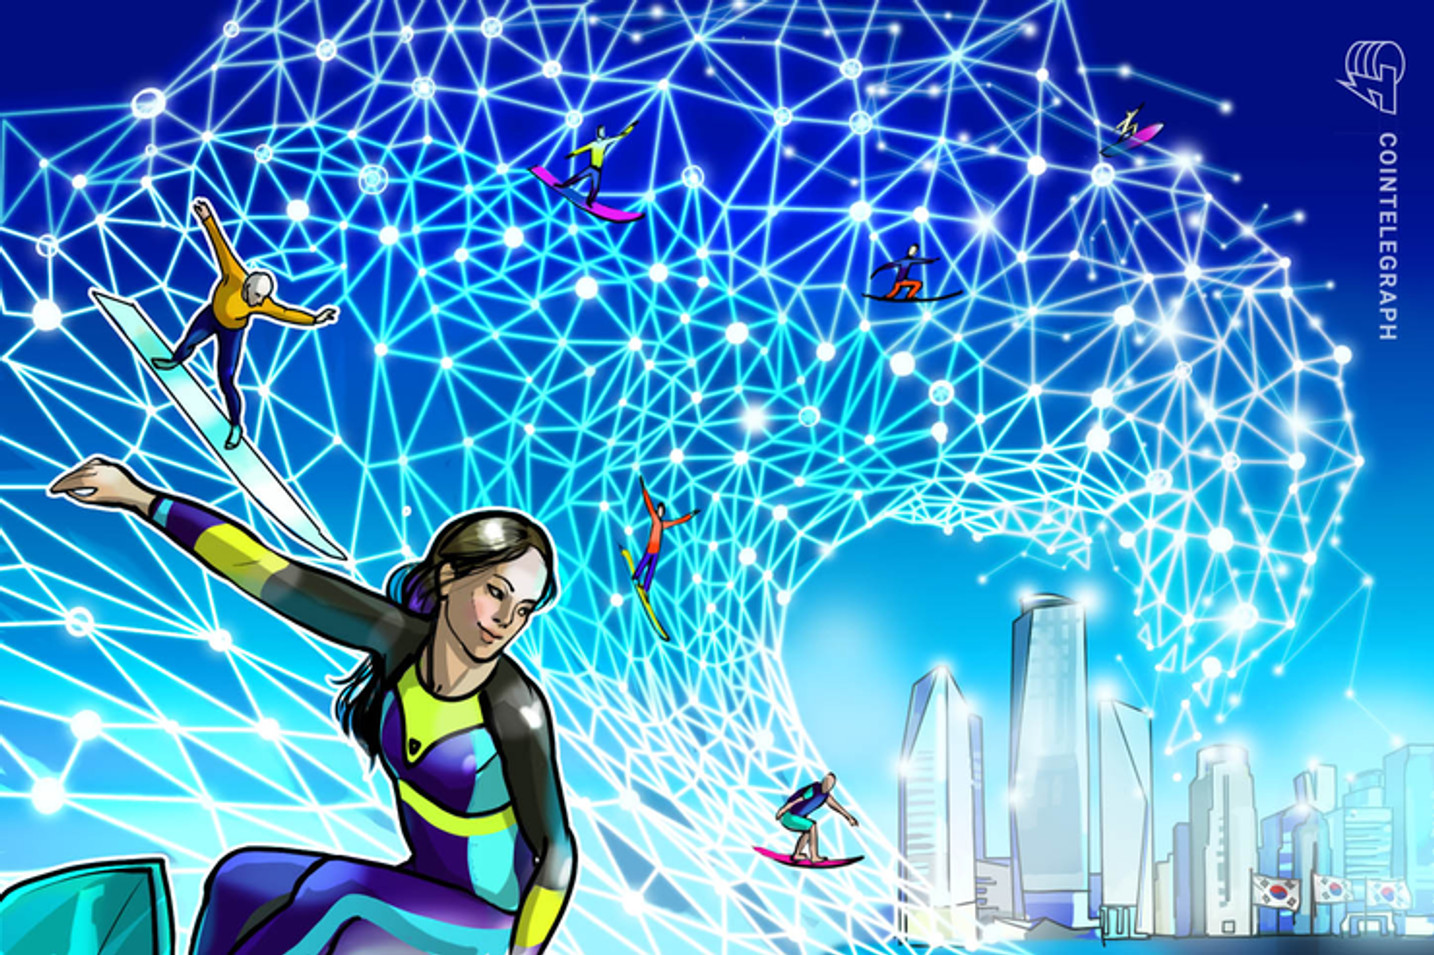 Banco Central do Brasil confirma e estabelece que Blockchain é parte do futuro da instituição